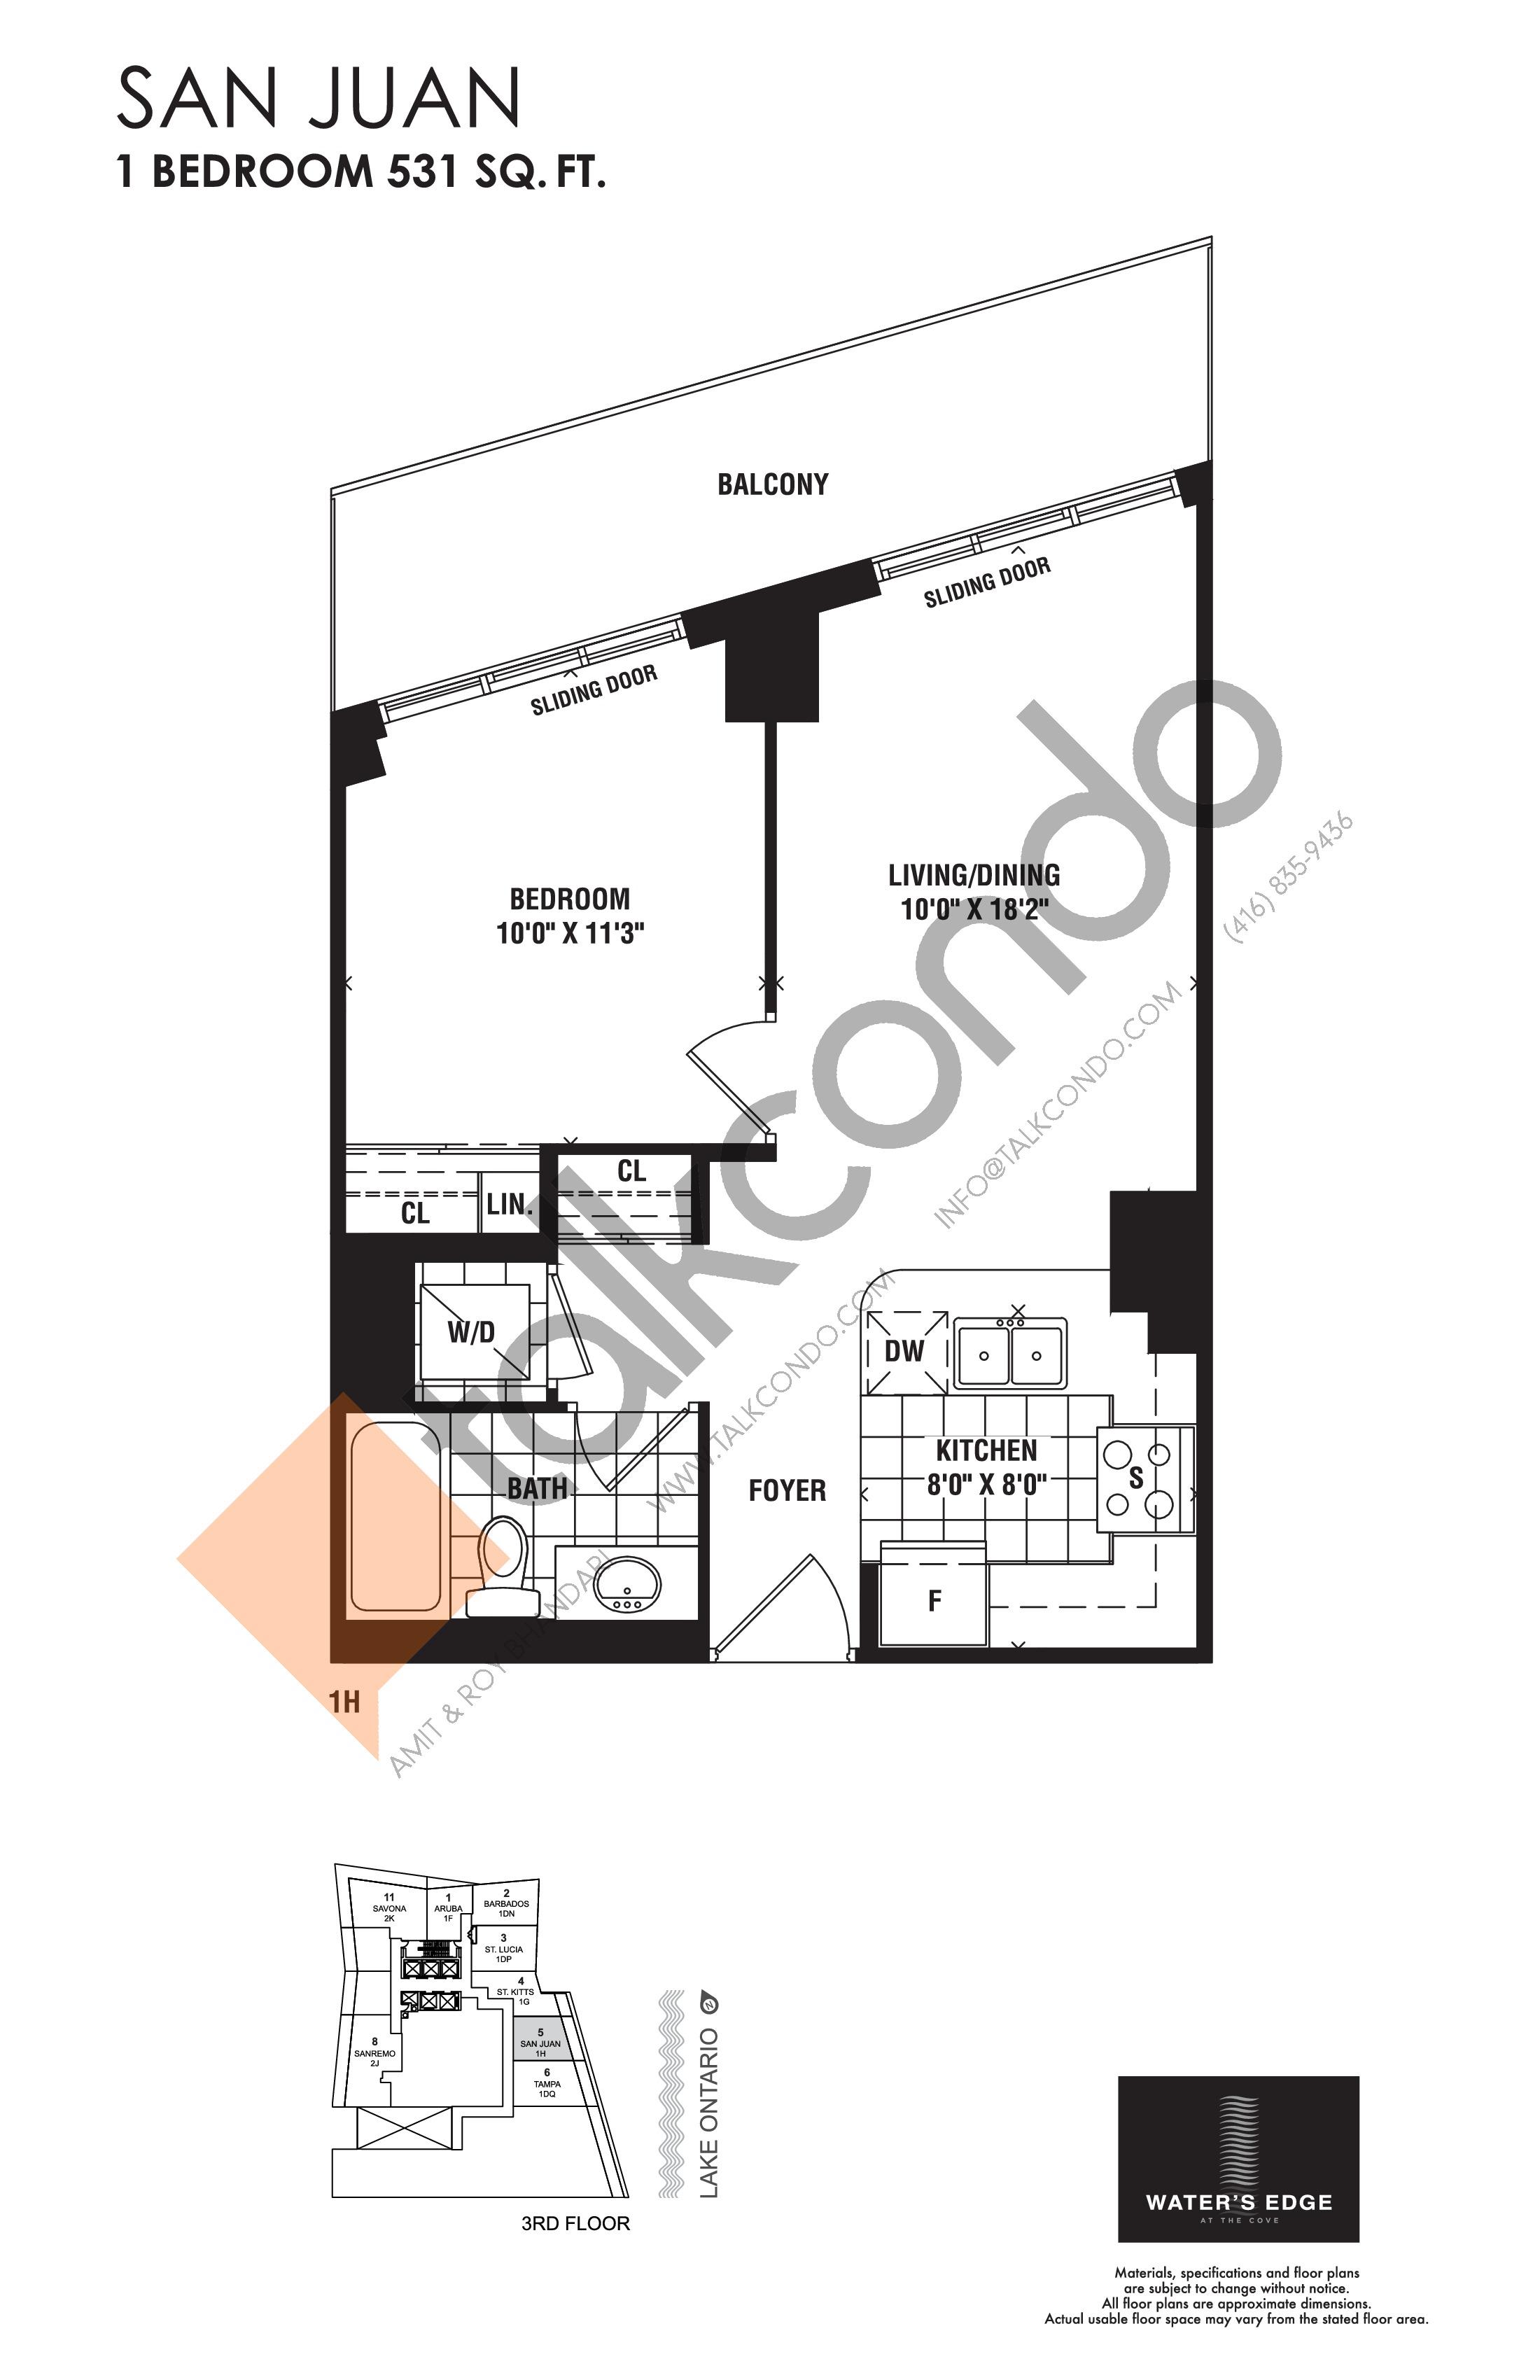 San Juan Floor Plan at Water's Edge at the Cove Condos - 531 sq.ft